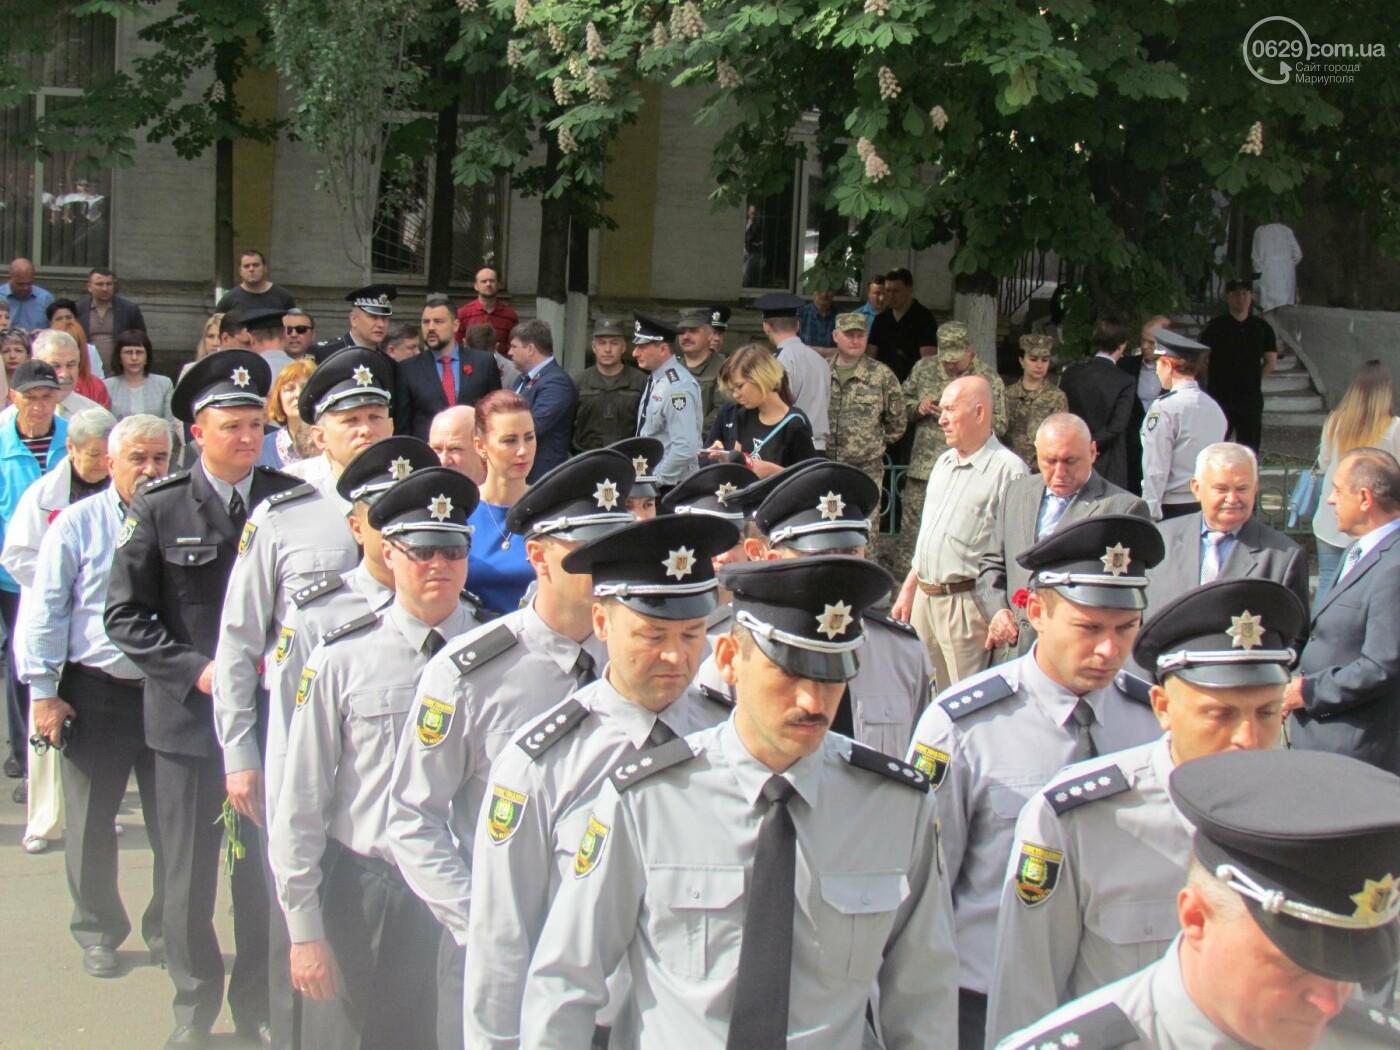 В Мариуполе почтили память патриотов, погибших 9 мая 2014 года  (ФОТОРЕПОРТАЖ+ВИДЕО), фото-13